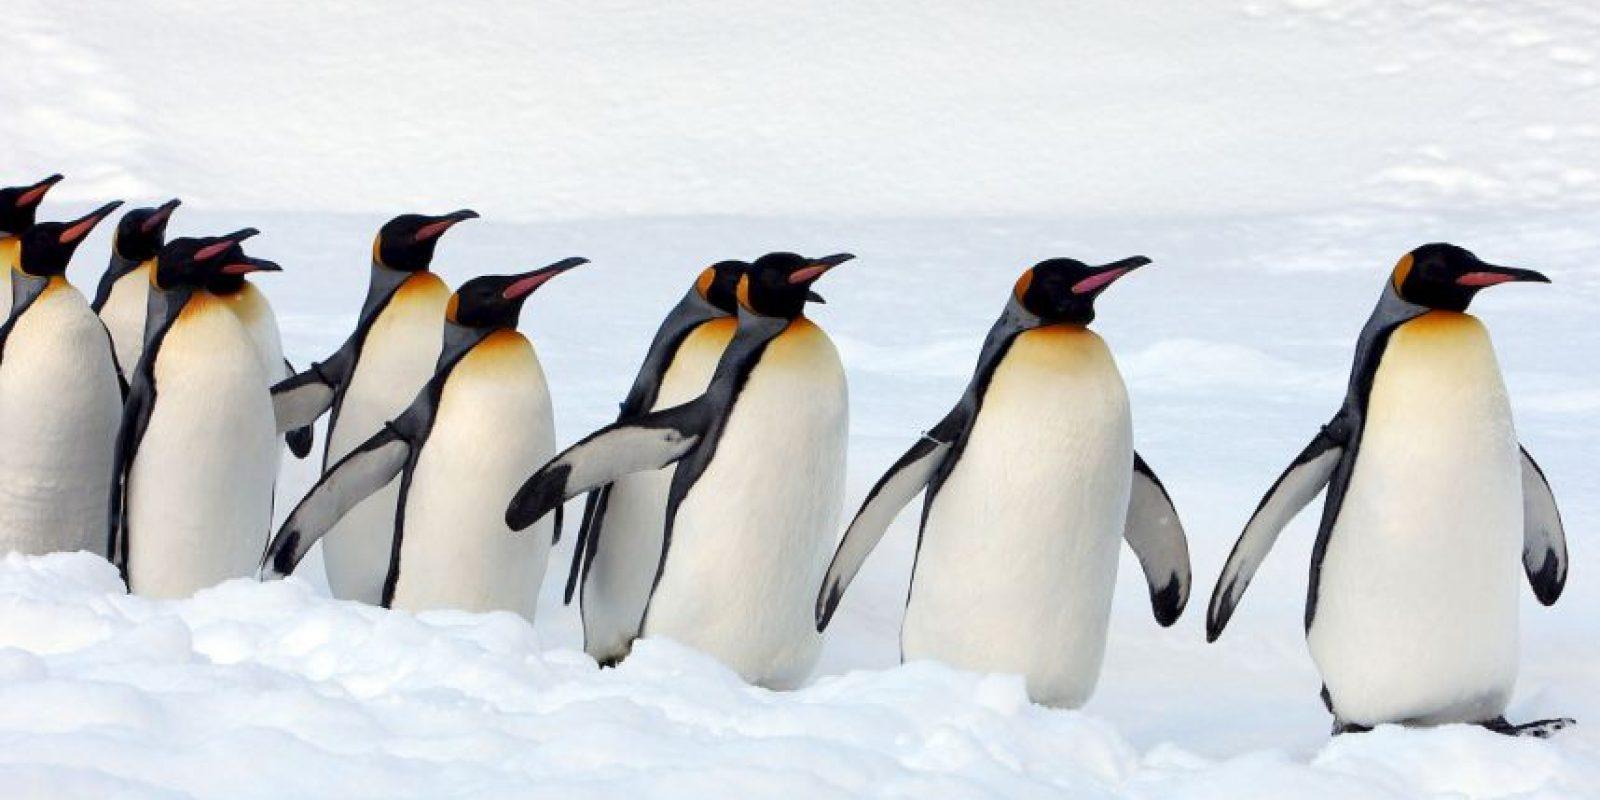 Viven en colonias de cientos o hasta miles de individuos Foto:Getty Images